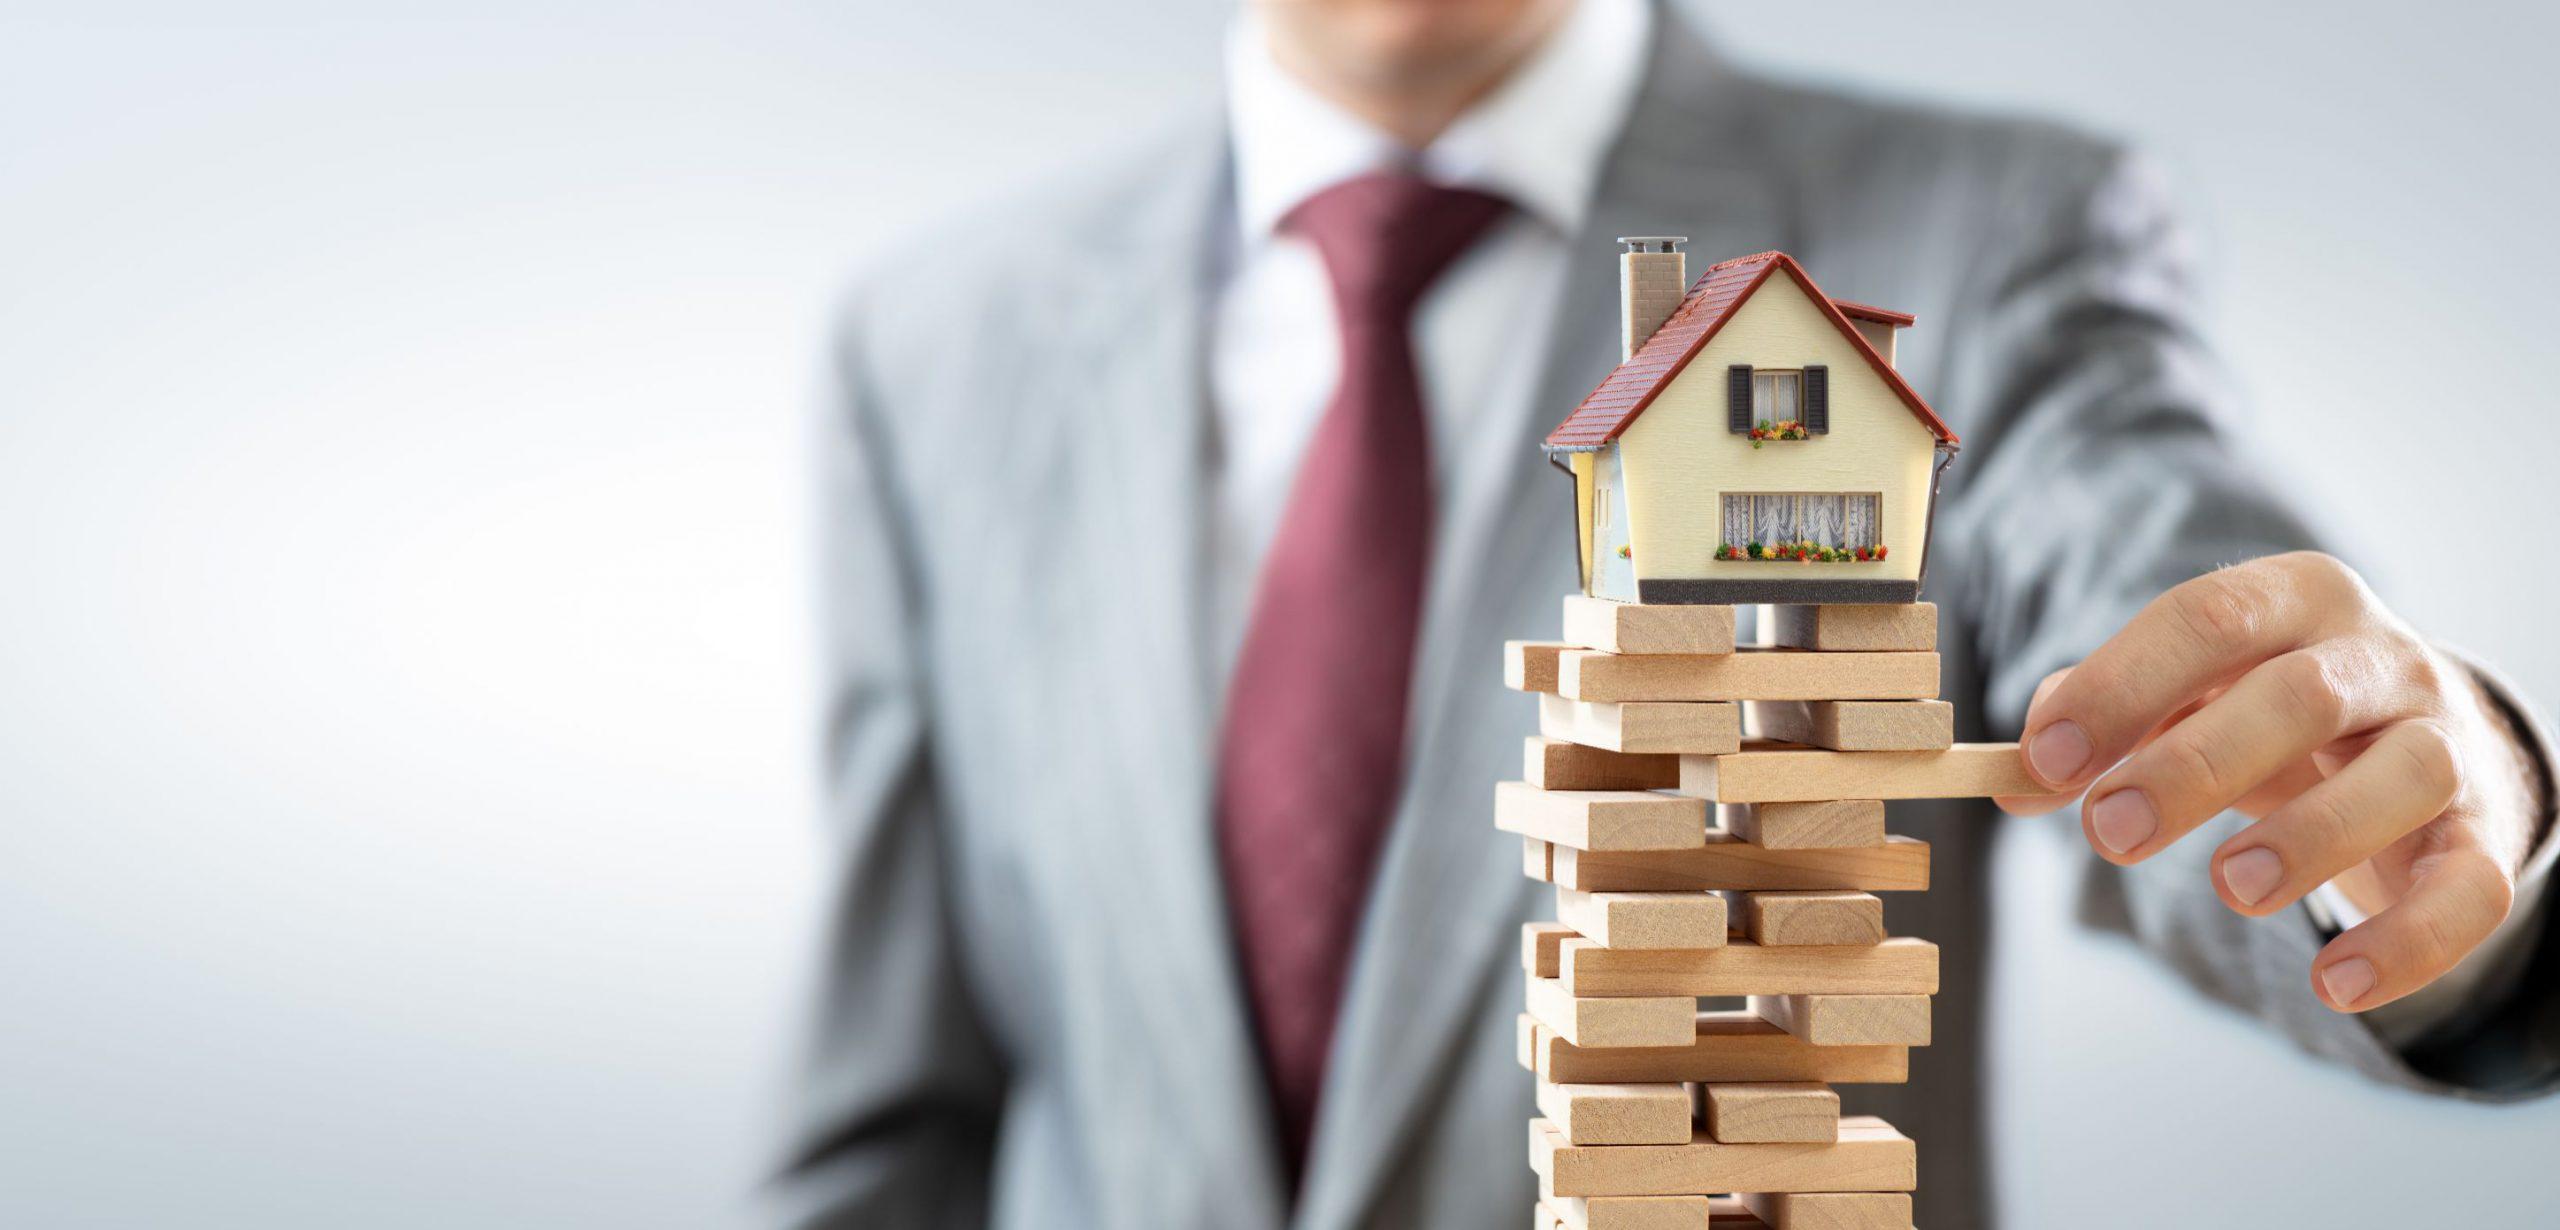 assurance maison ville hypotheque